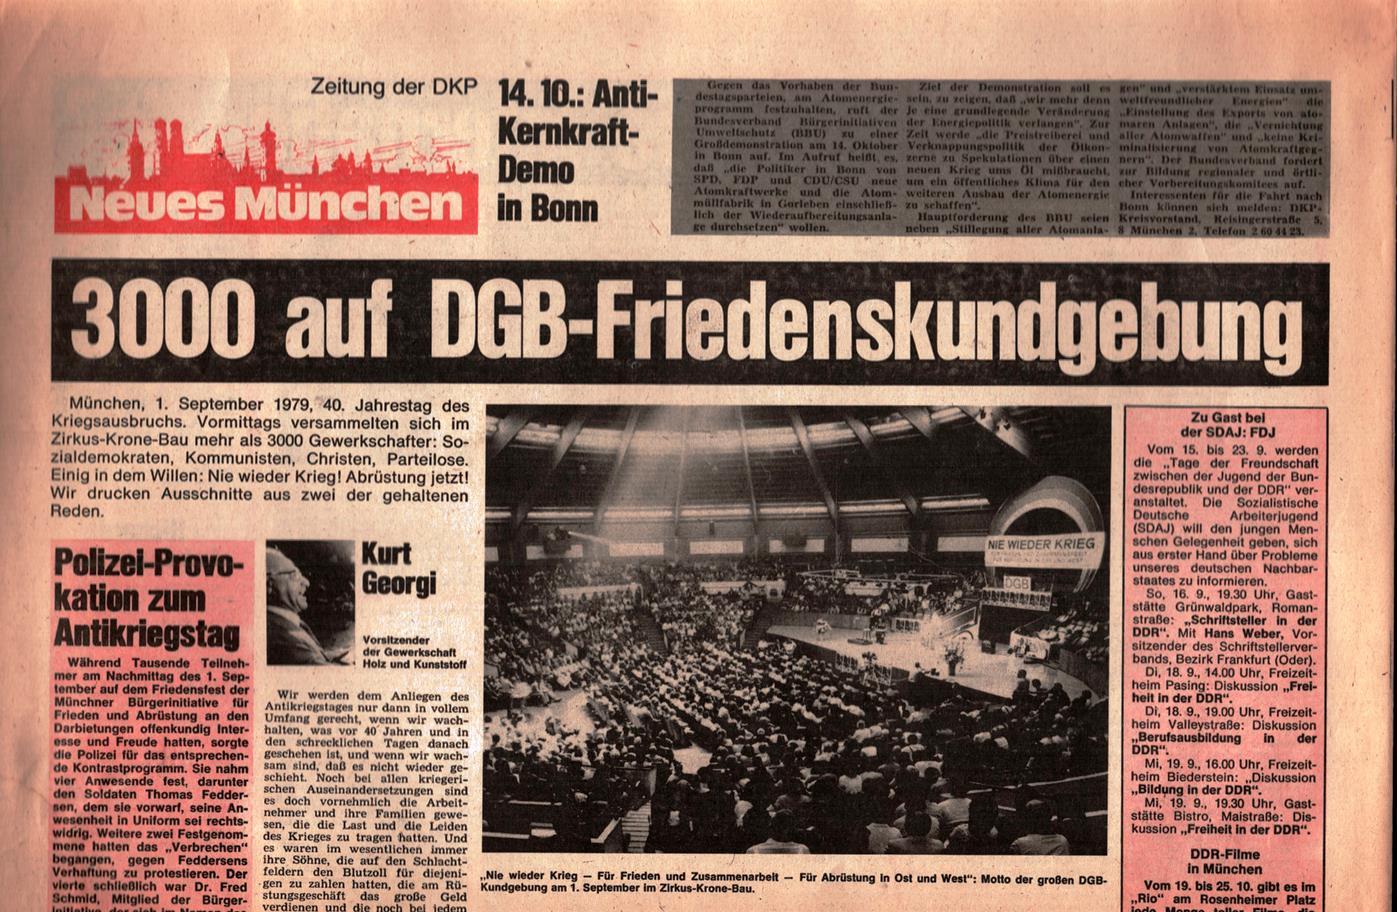 Muenchen_DKP_Neues_Muenchen_19790900_009_007